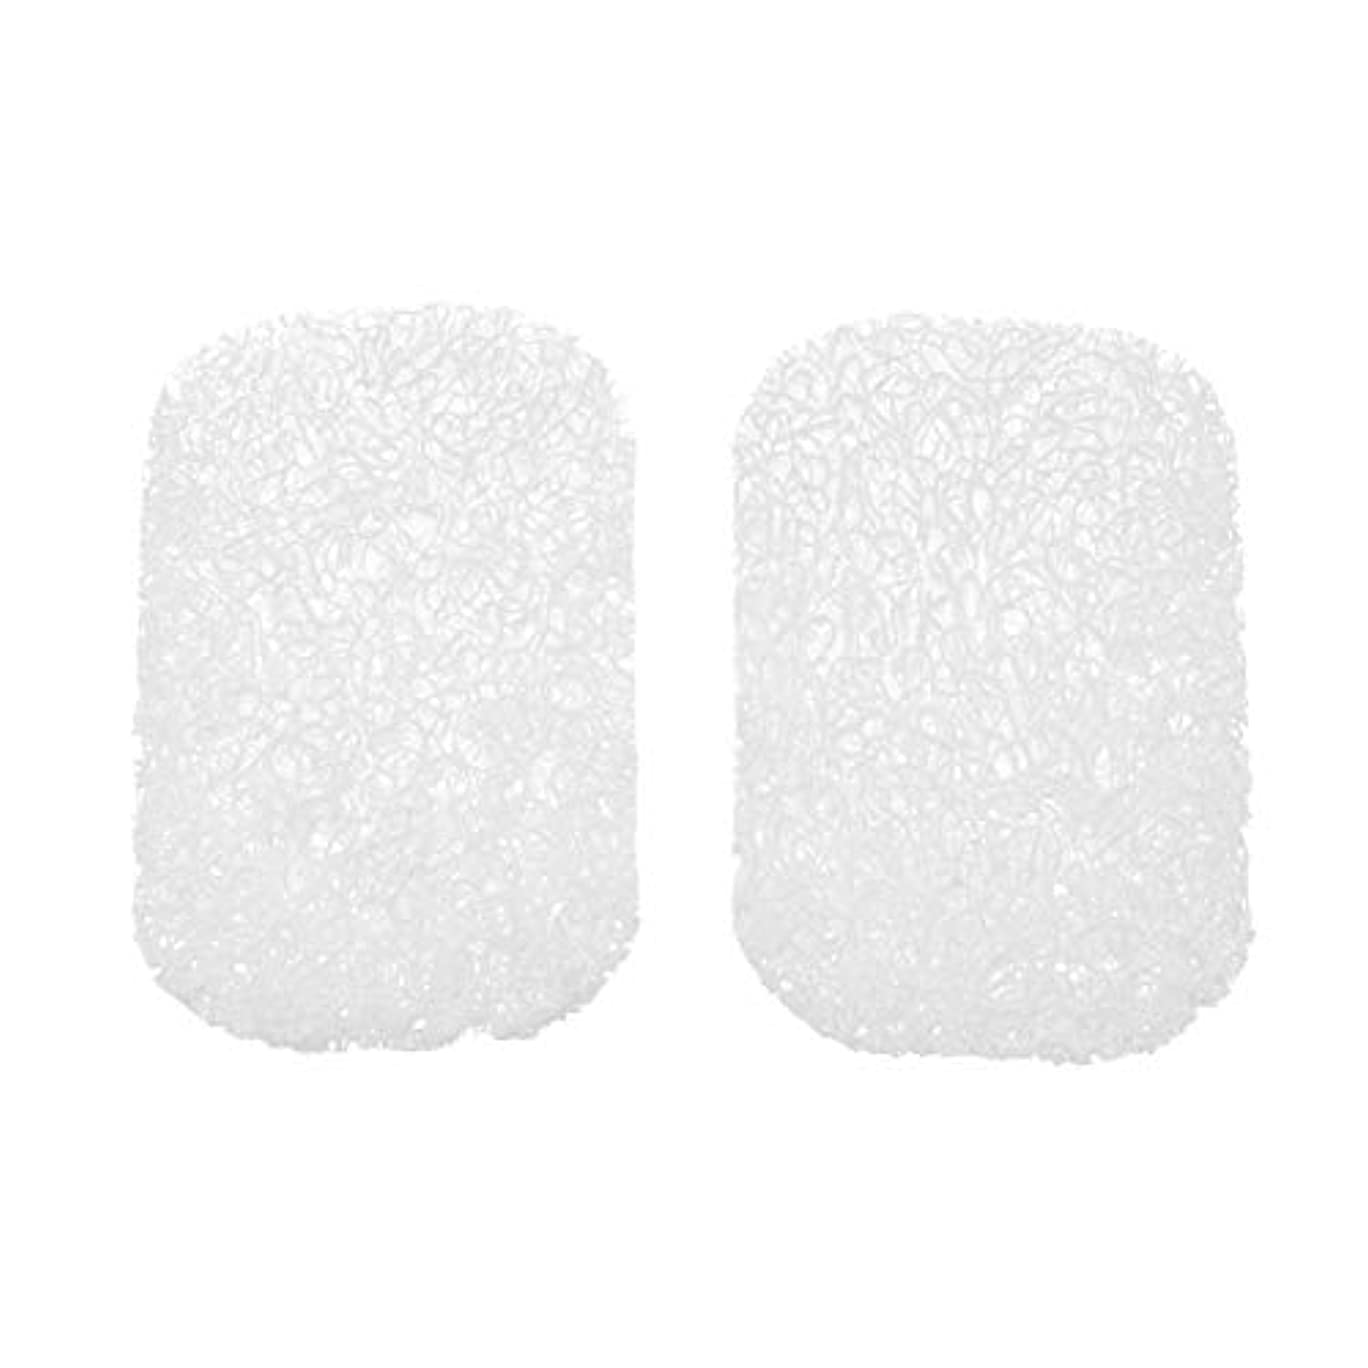 人形薬を飲むタンクHealifty 石鹸トレイ滑り止め日常用ソープホルダー10個入(白)